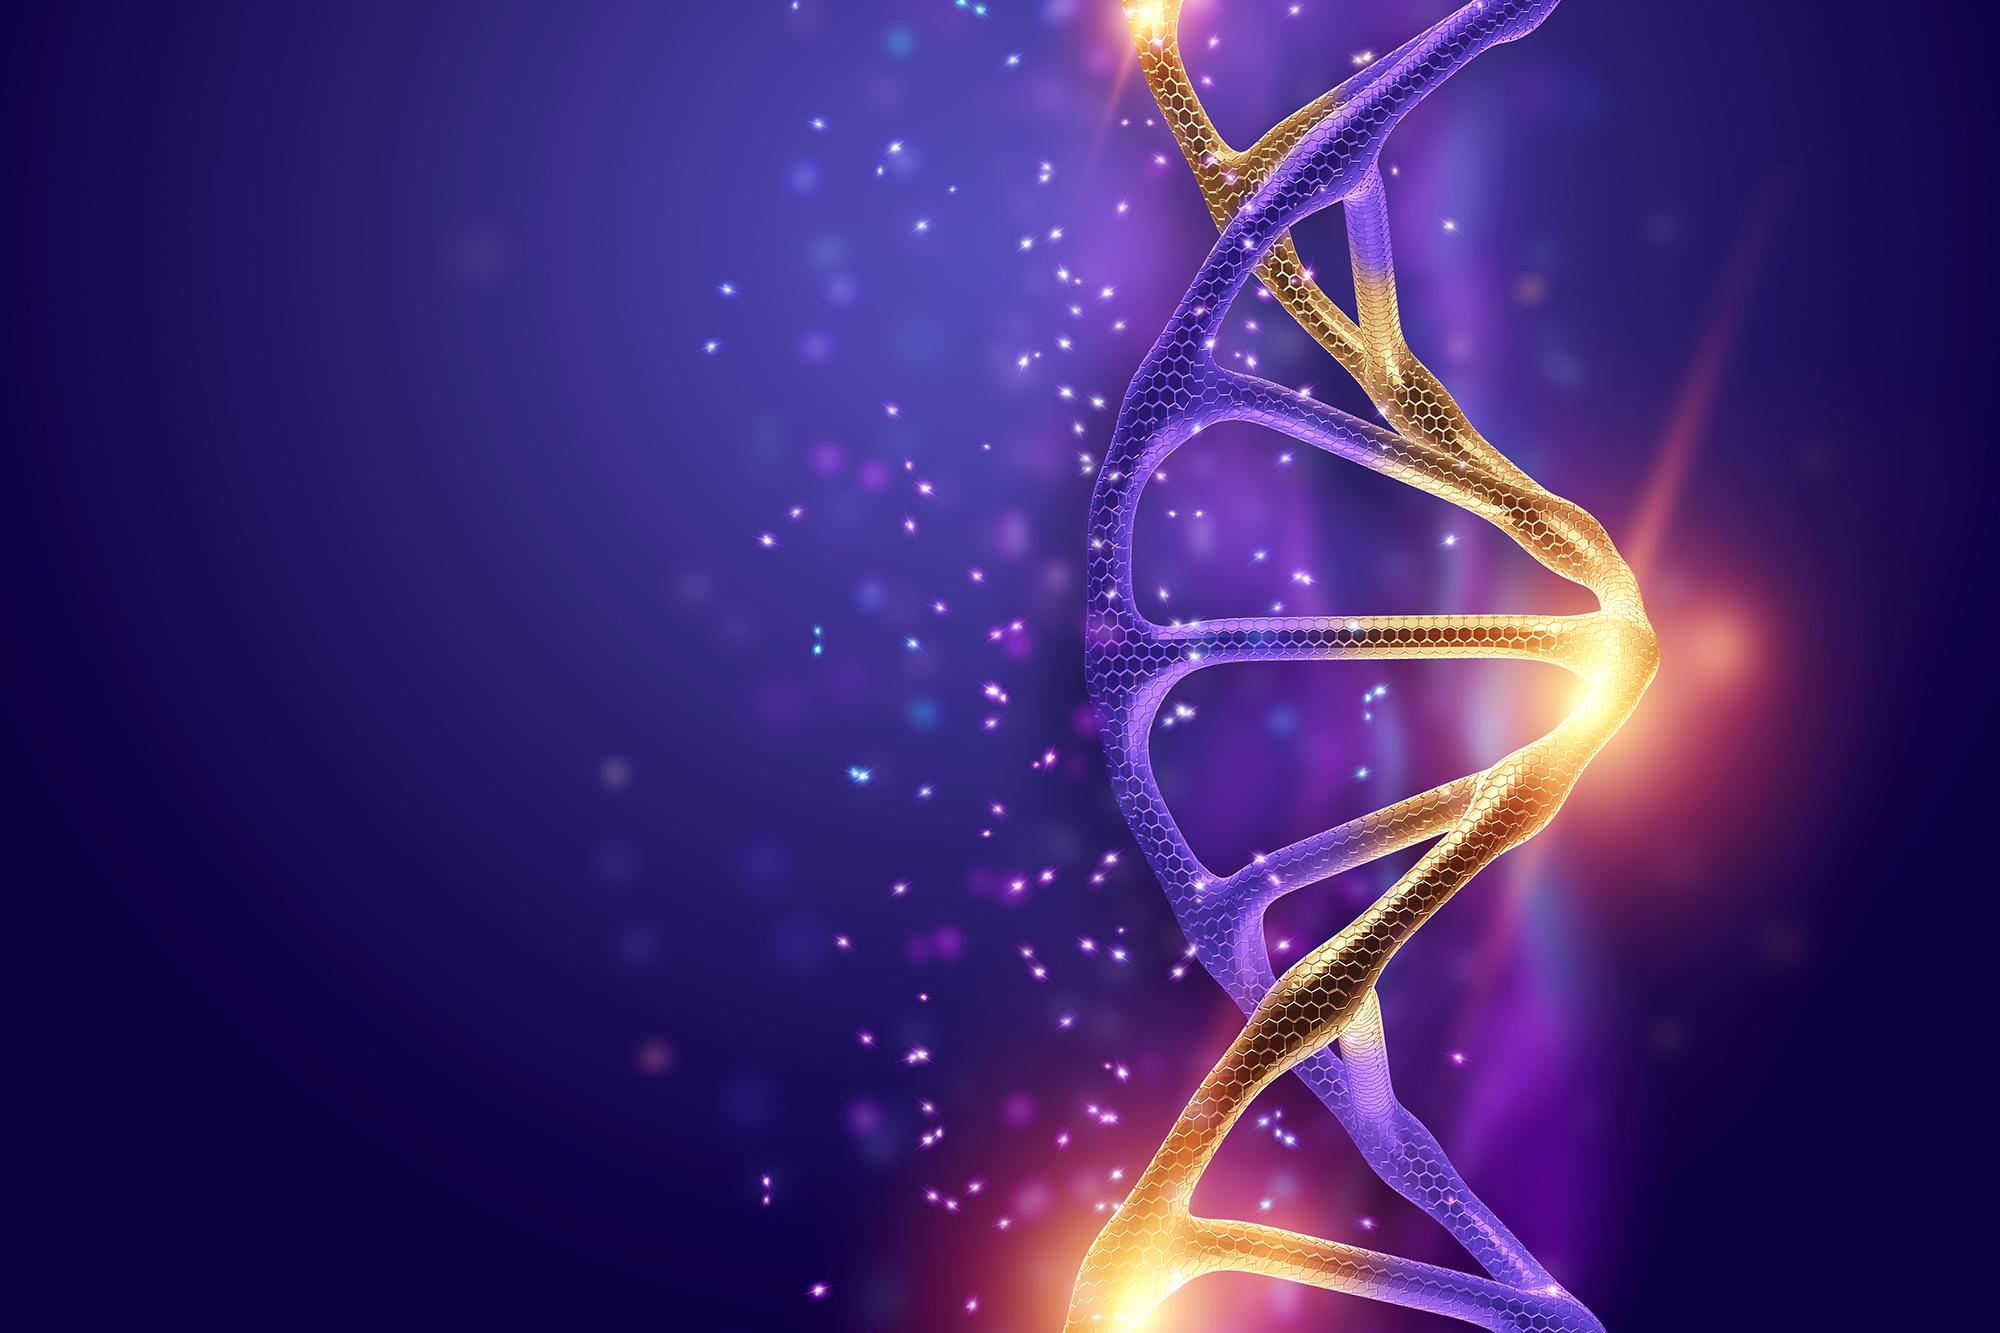 Todo sobre el gen BDNF: la versión rs6265 3